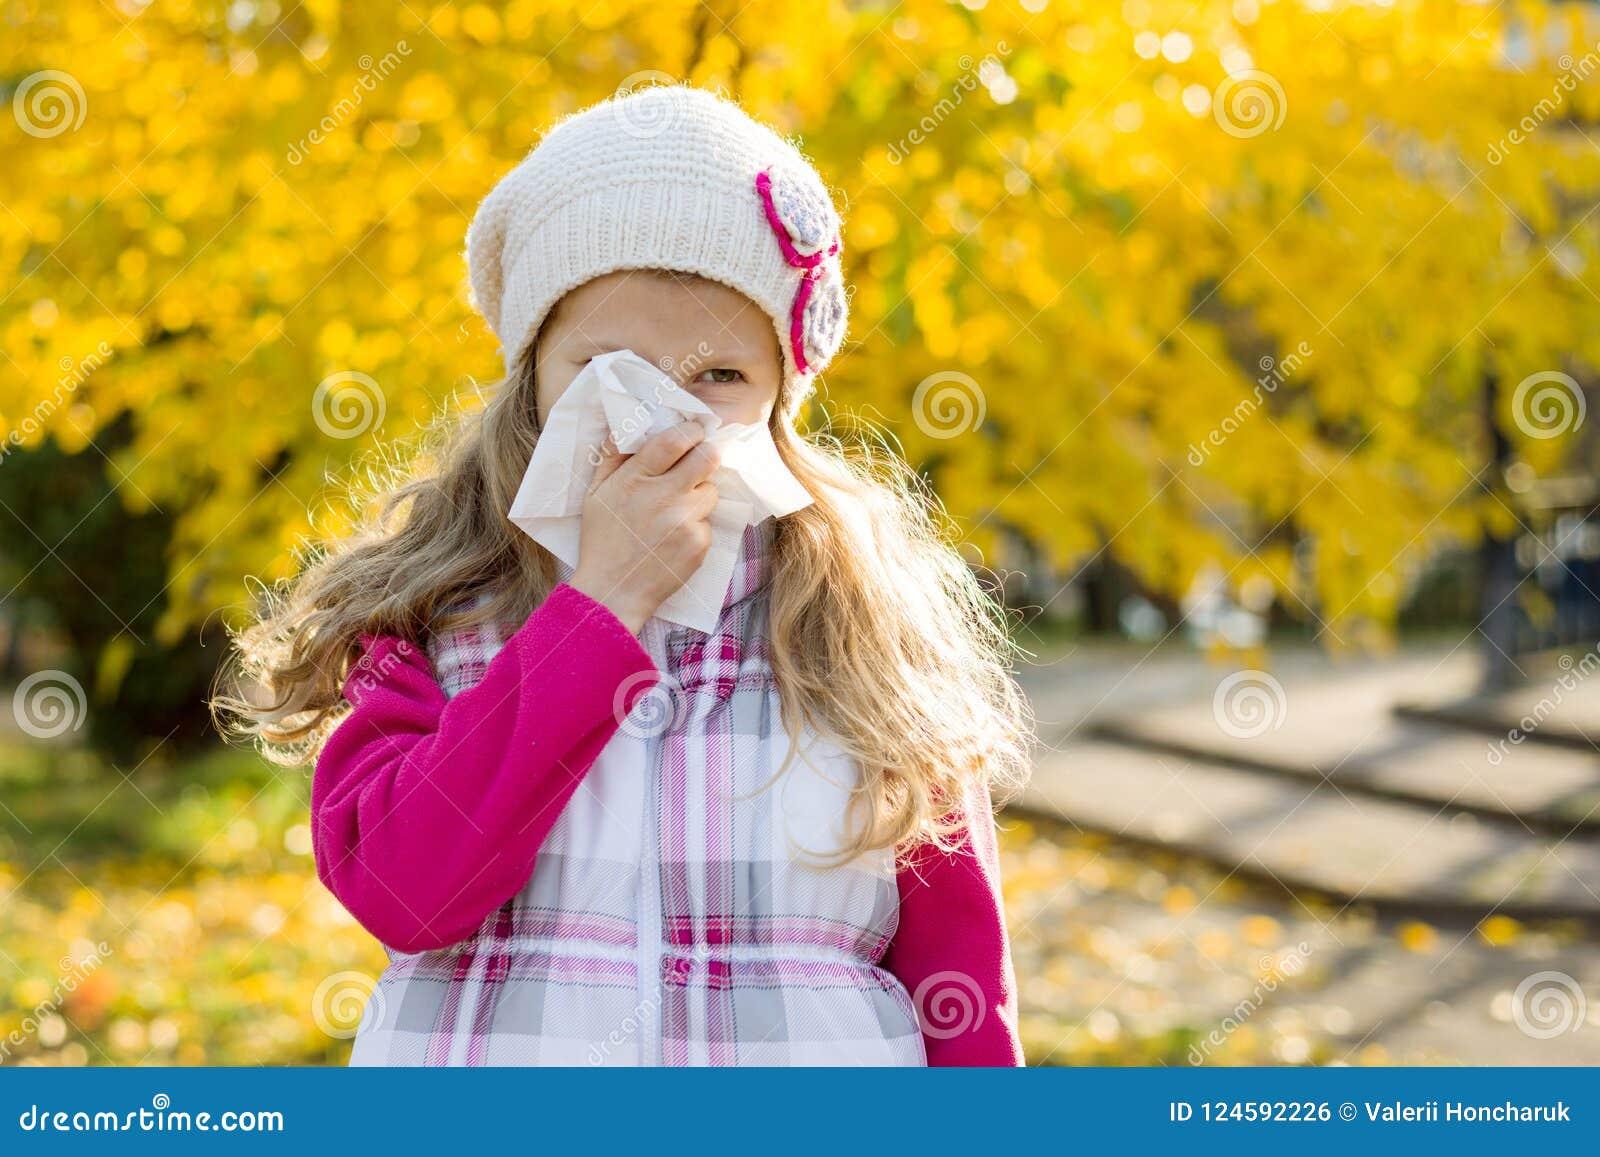 Meisjeskind met koud Rhinitis op de herfstachtergrond, griepseizoen, allergie lopende neus